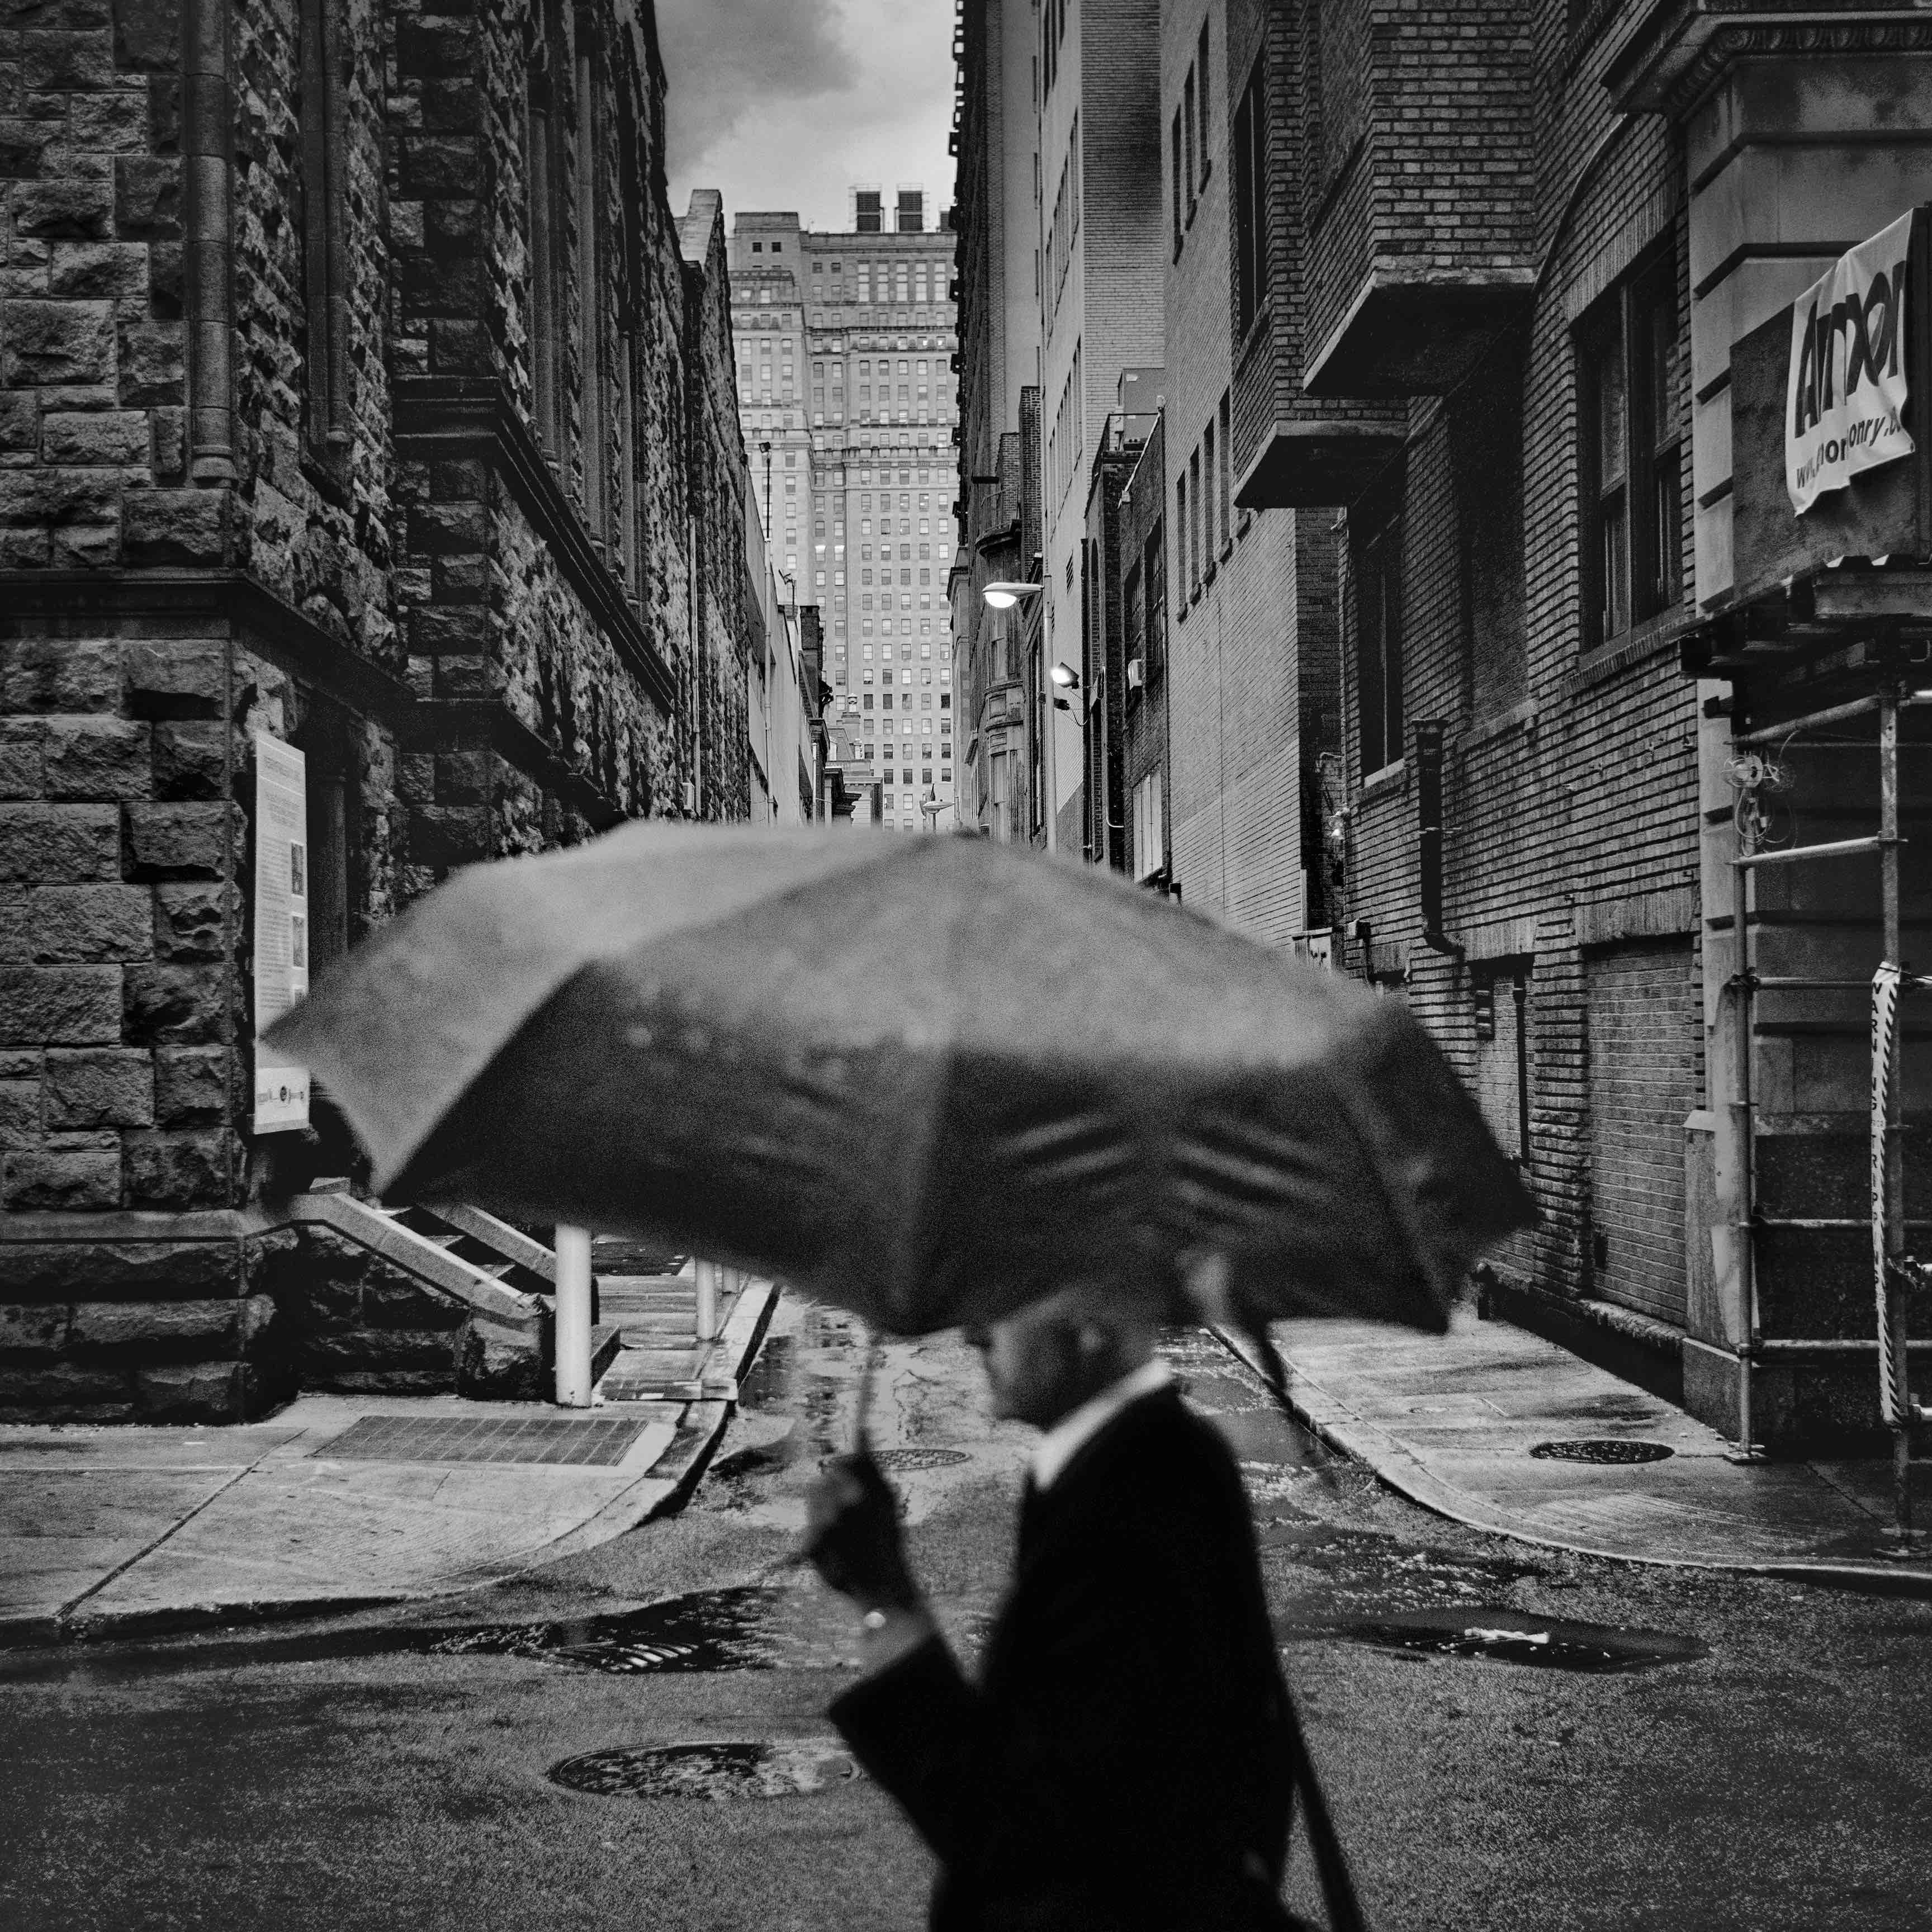 Downtown Philadelphia, Pennsylvania. 2016.